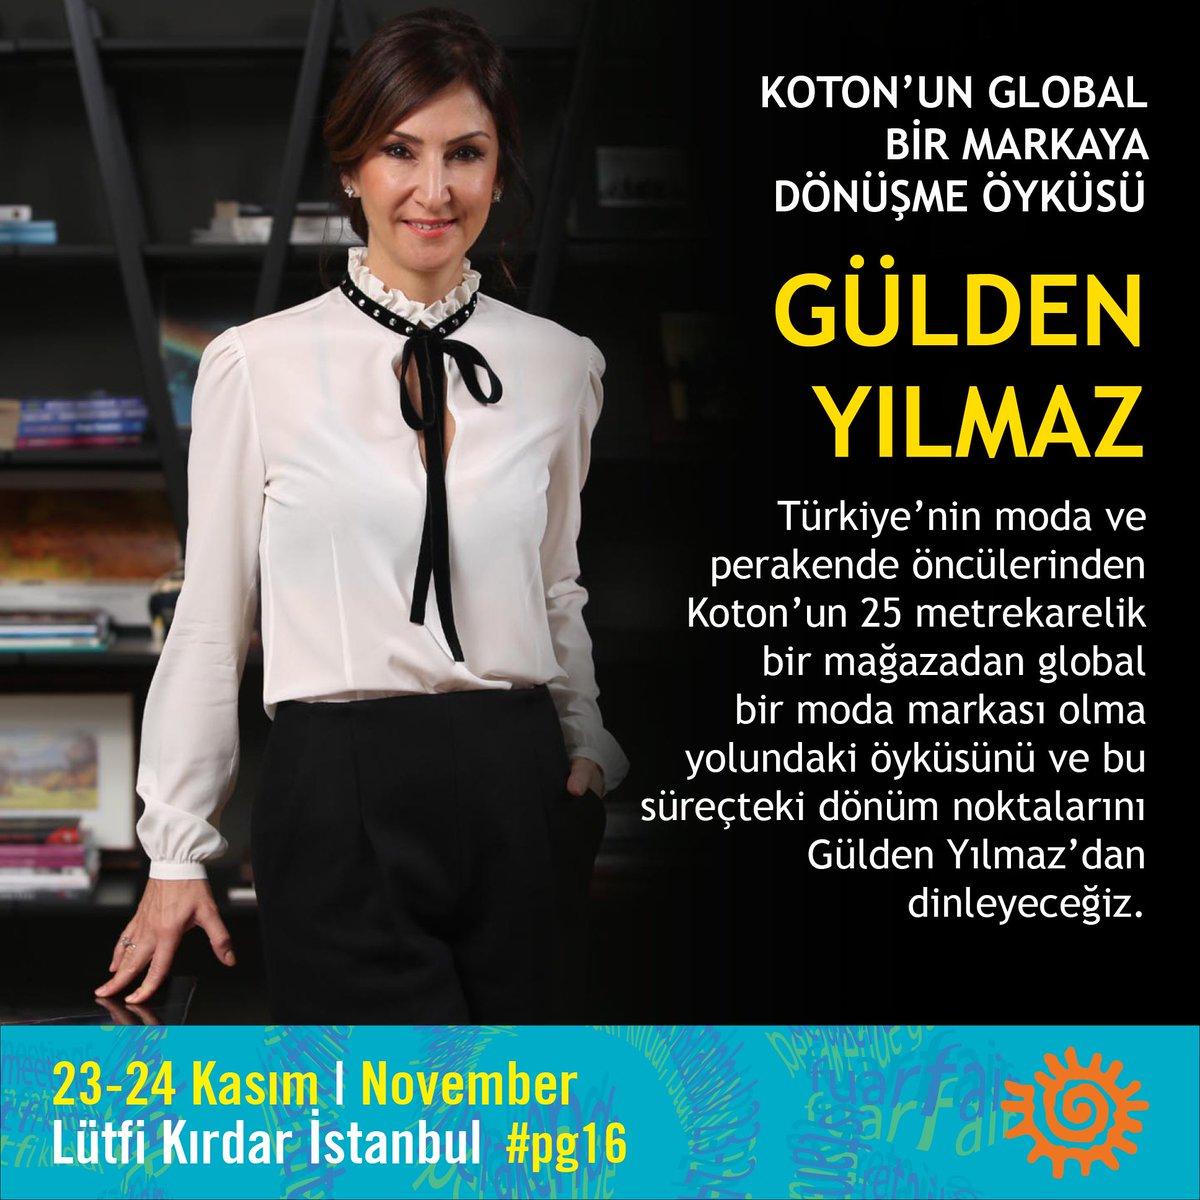 0db280db0c4db Gülden Yılmaz (@gulden_ylmaz)   Twitter